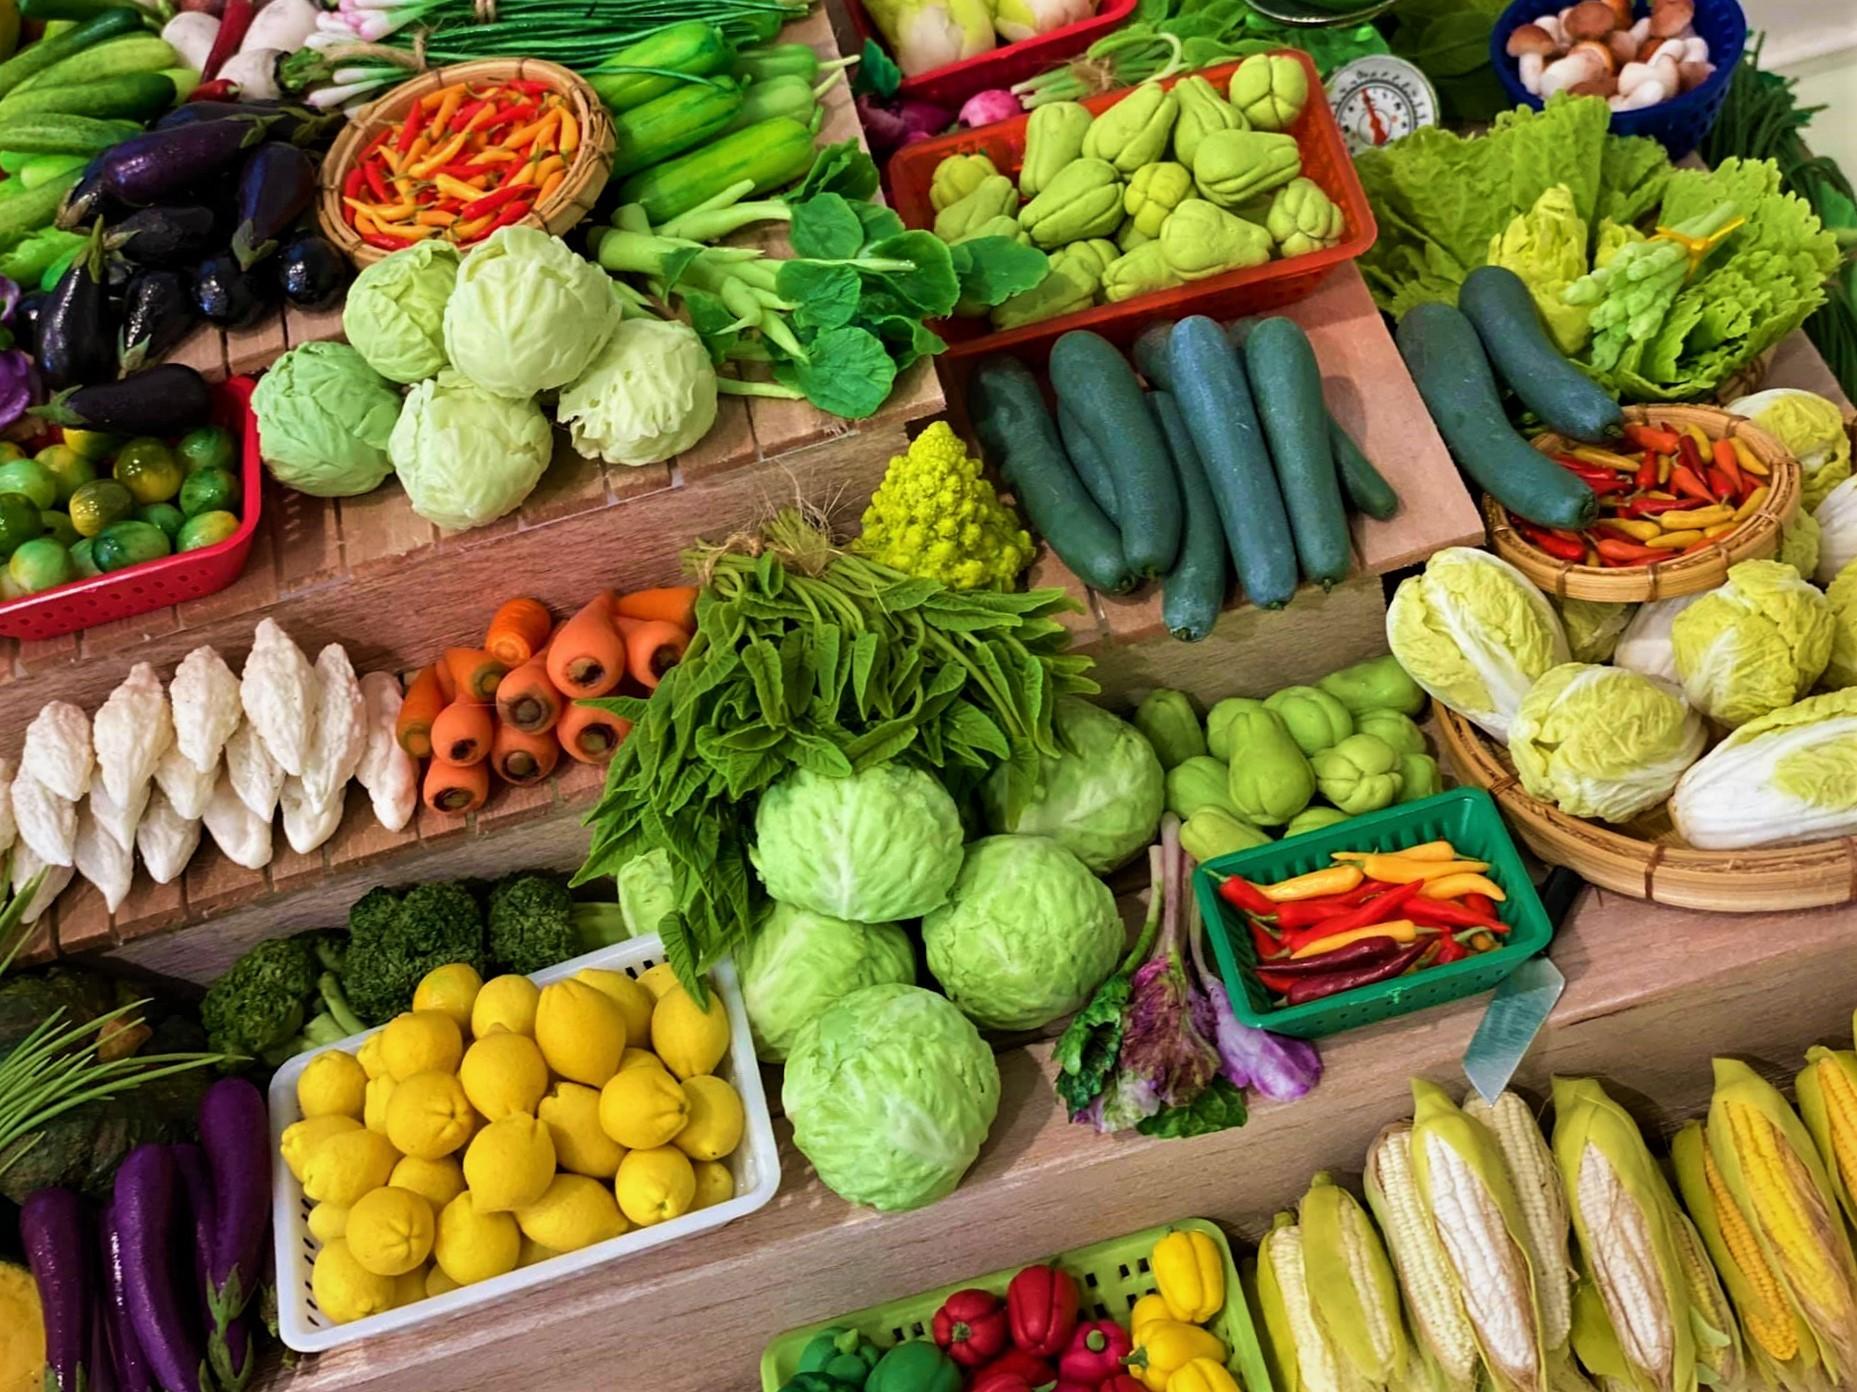 Các loại rau củ quả có màu sắc tươi, kích cỡ đồng đều